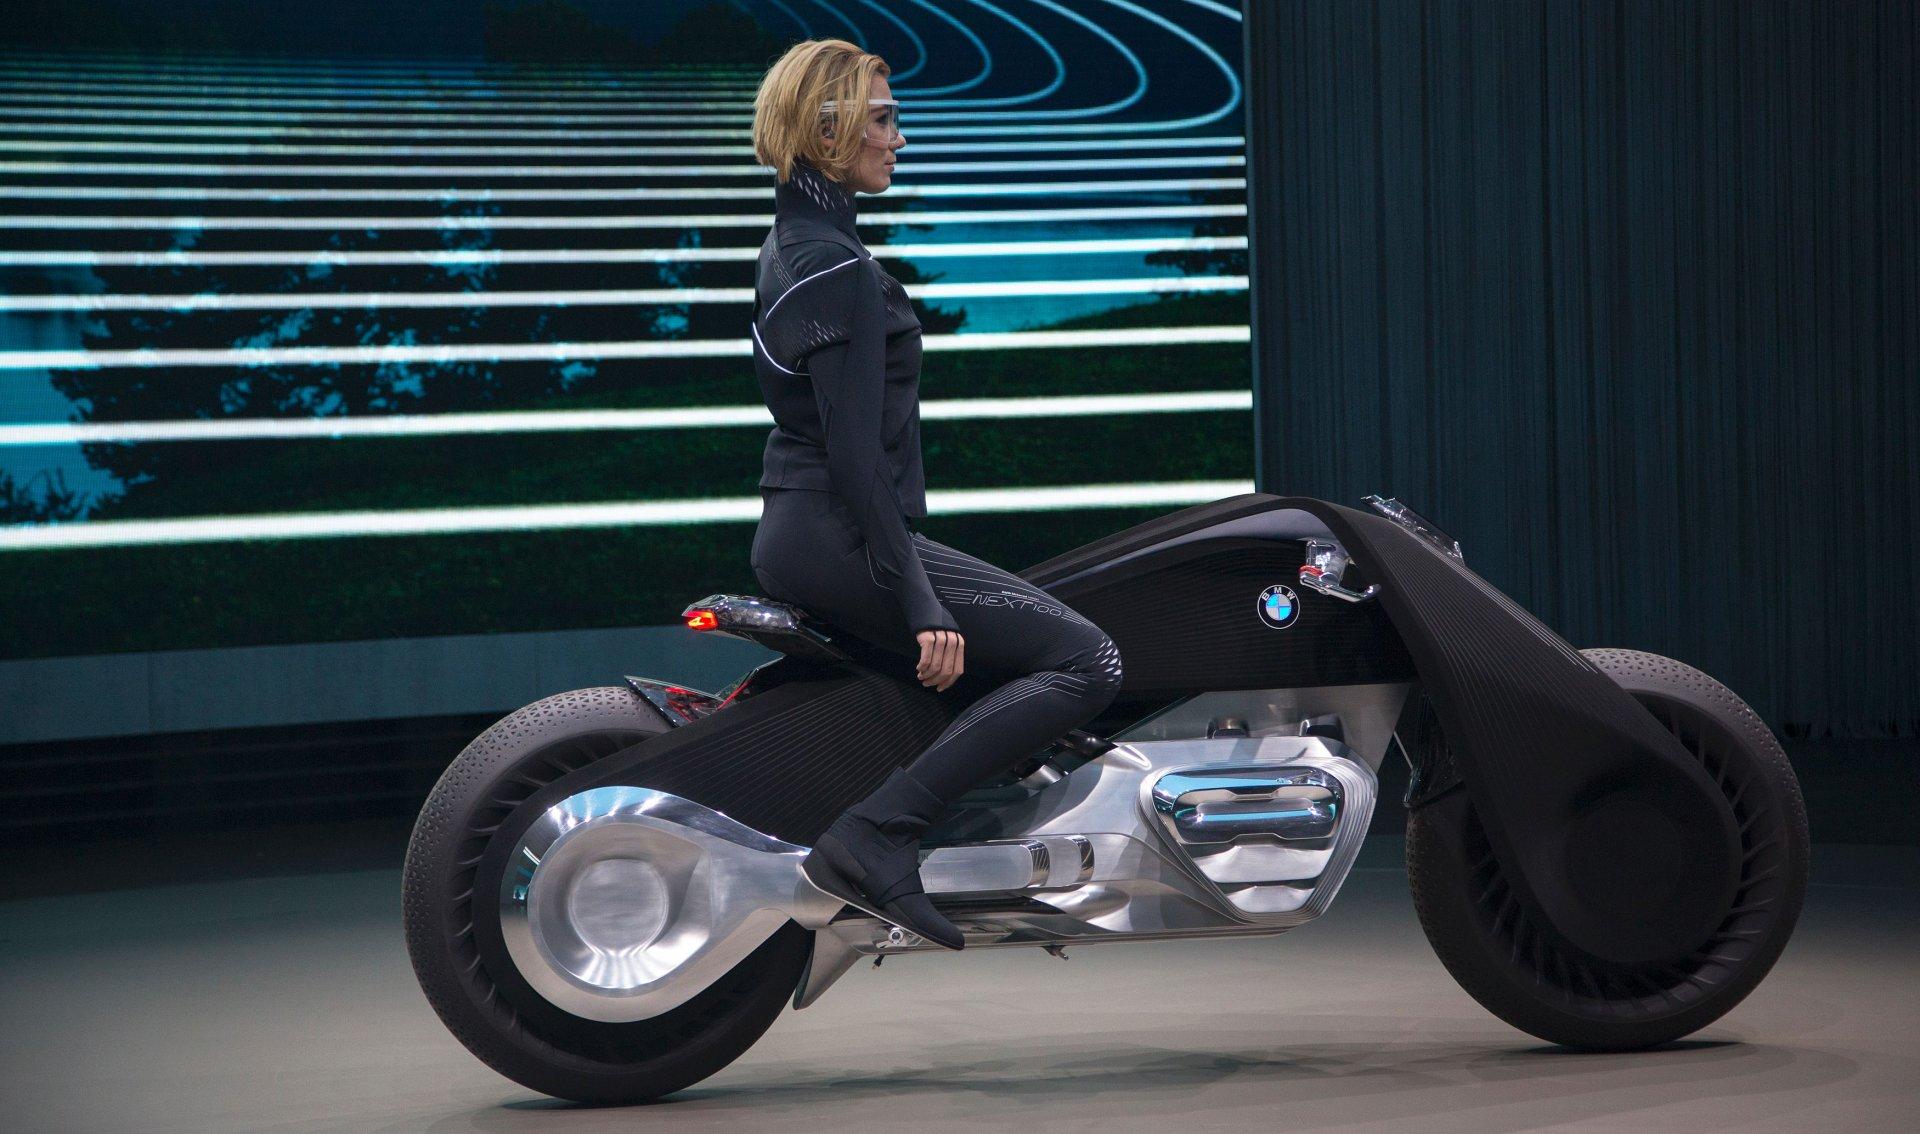 Auto D Occasion >> Moto BMW du futur, du concept à la réalité - moto scooter ...